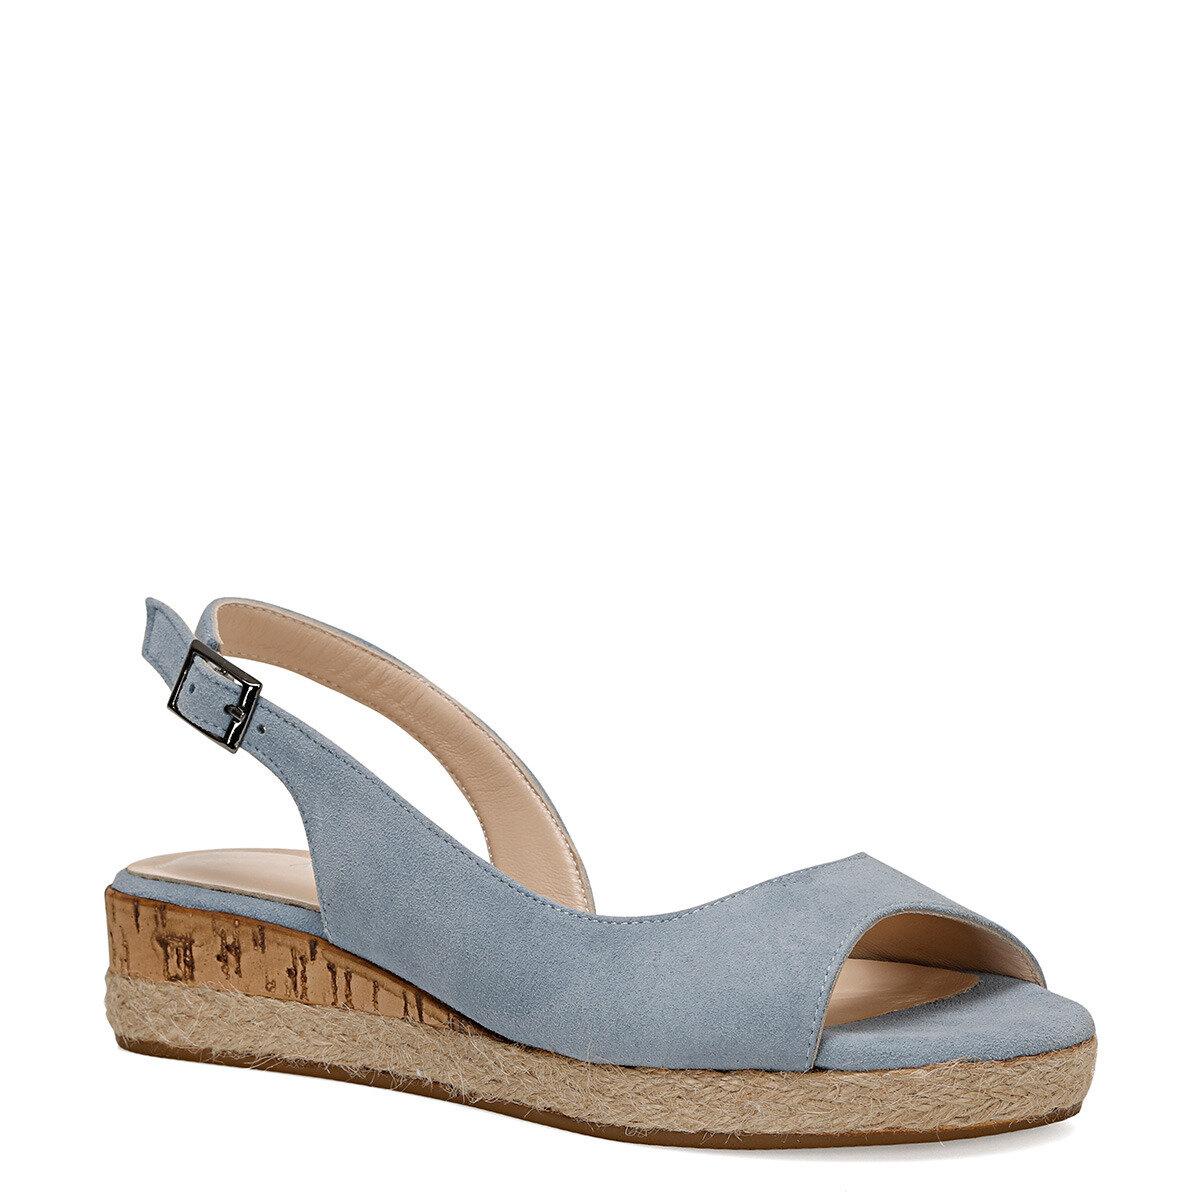 HUEY Mavi Kadın Dolgu Topuklu Sandalet